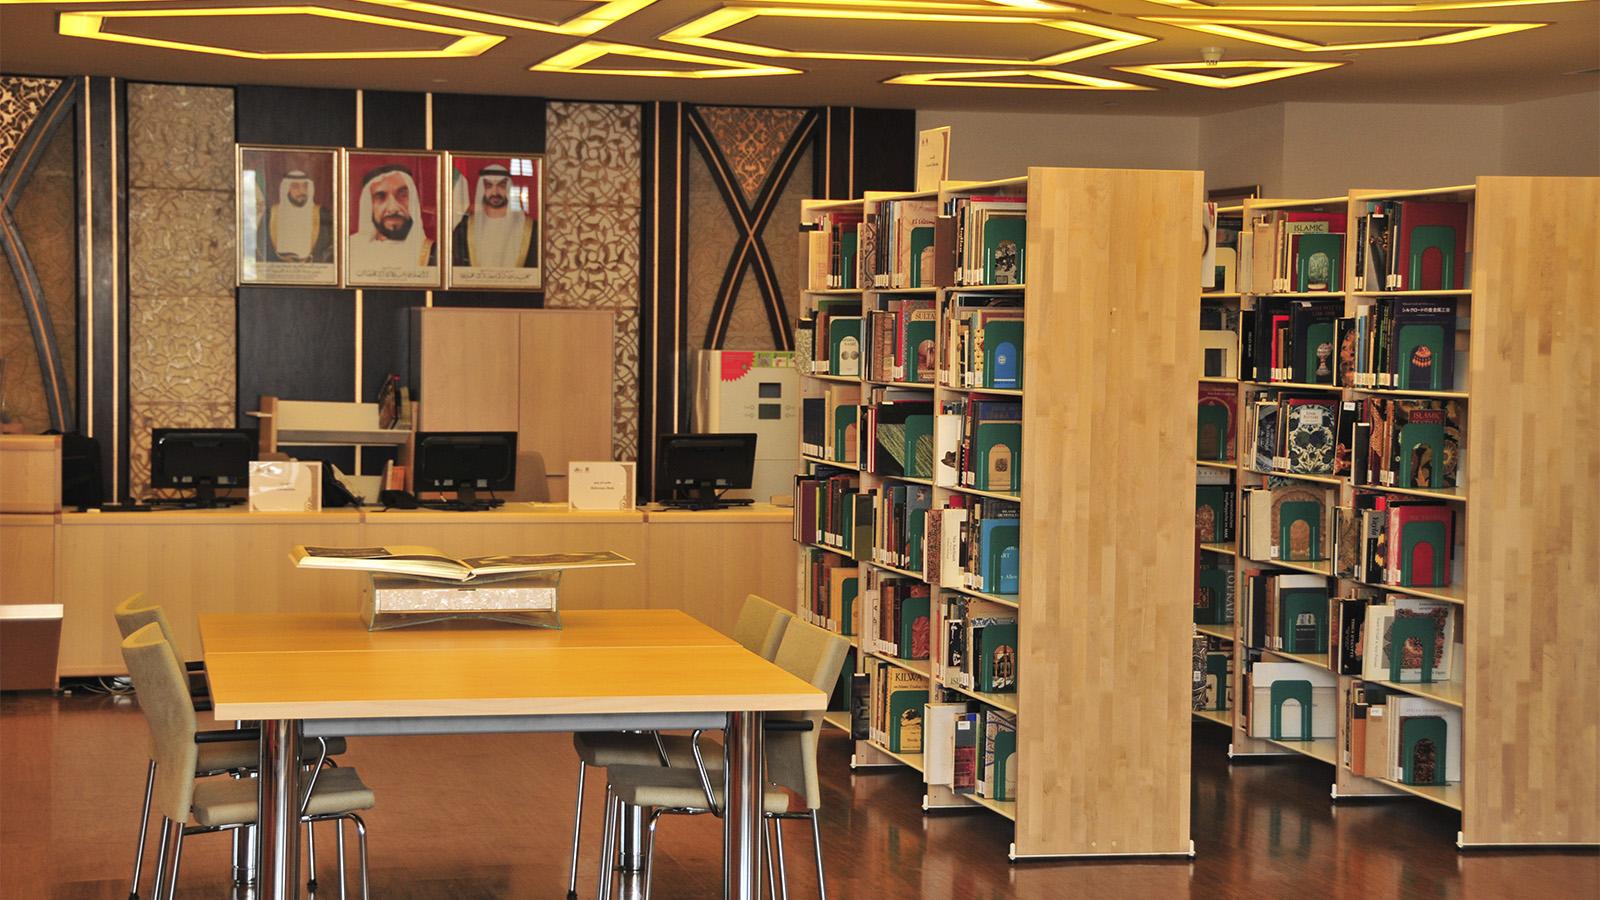 Sheikh Zayed bibliotek